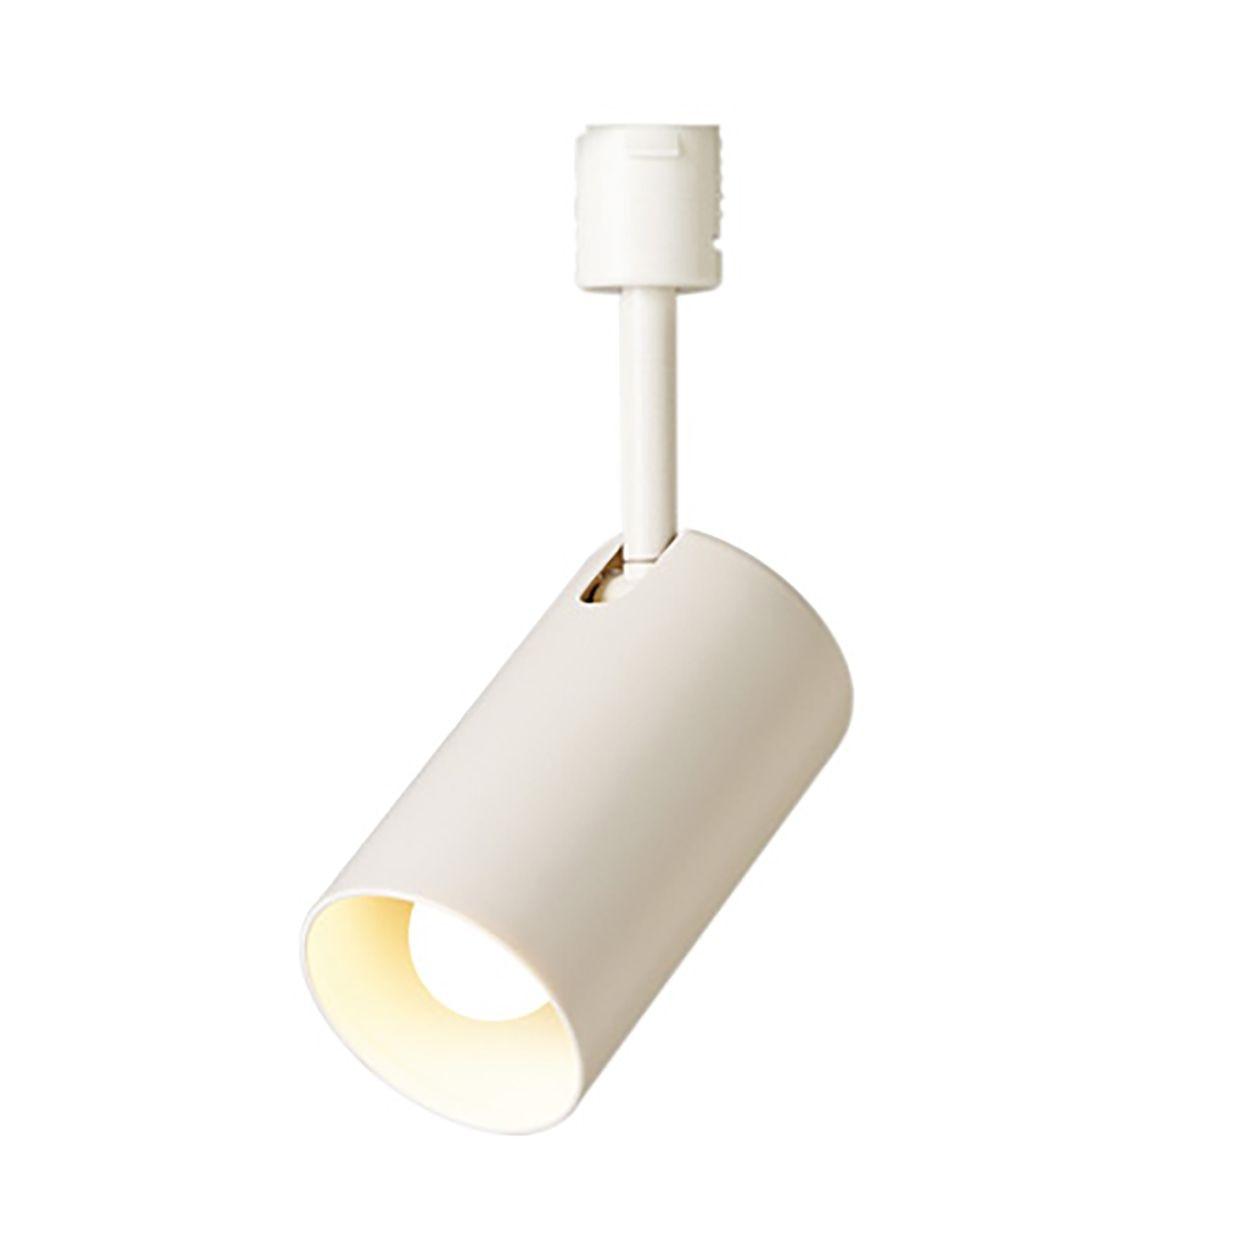 システムライト用LEDスポットライト・小/ブラック ホワイト